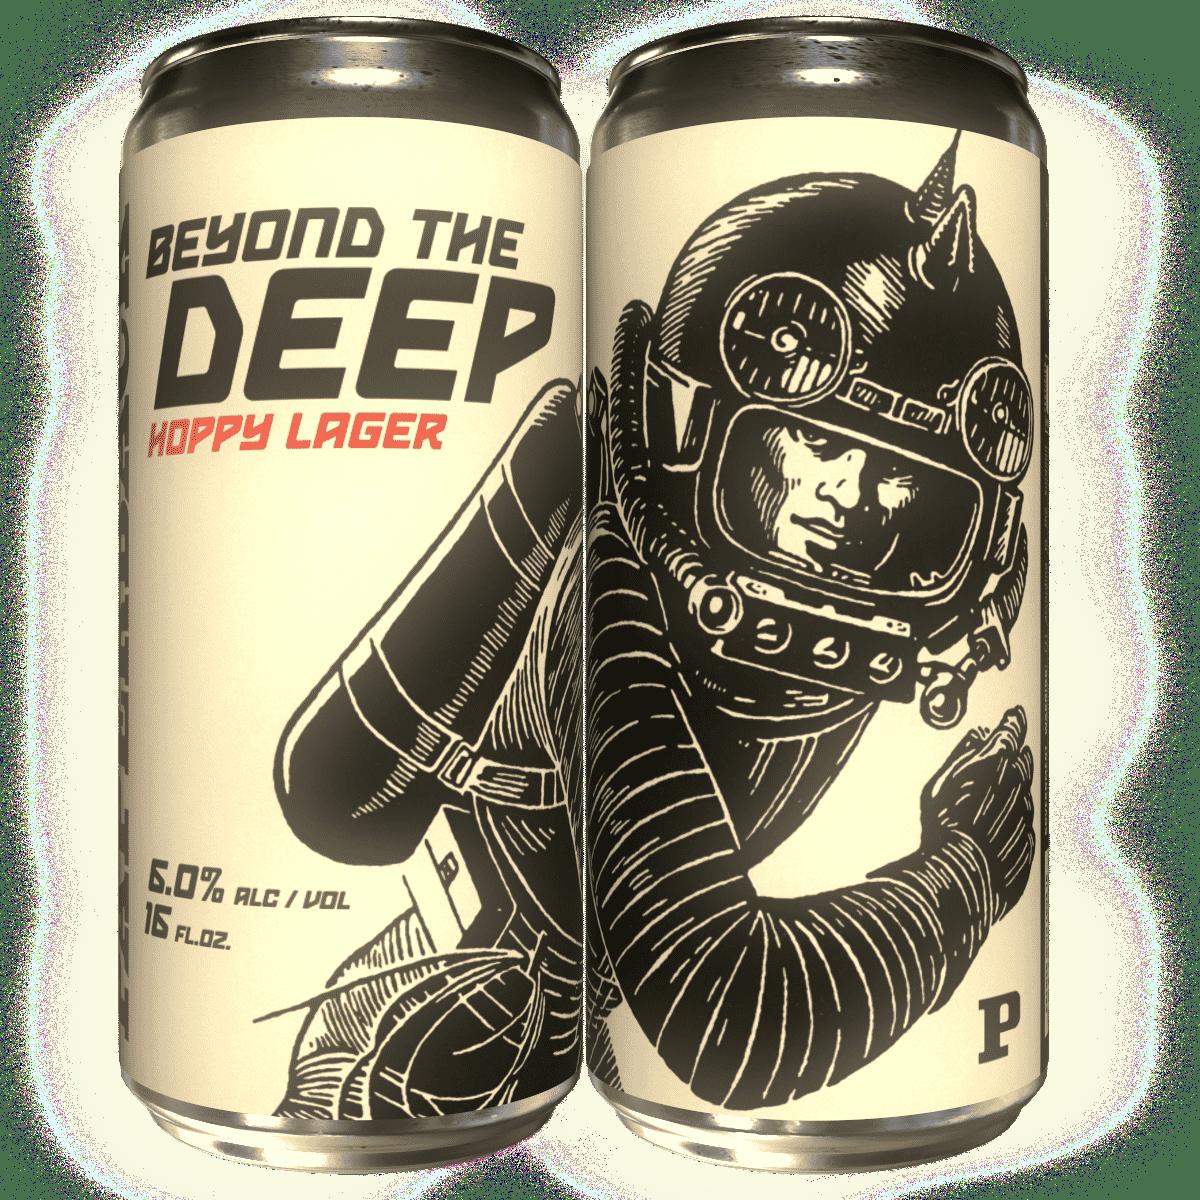 Beyond the Deep 'Hoppy Lager'